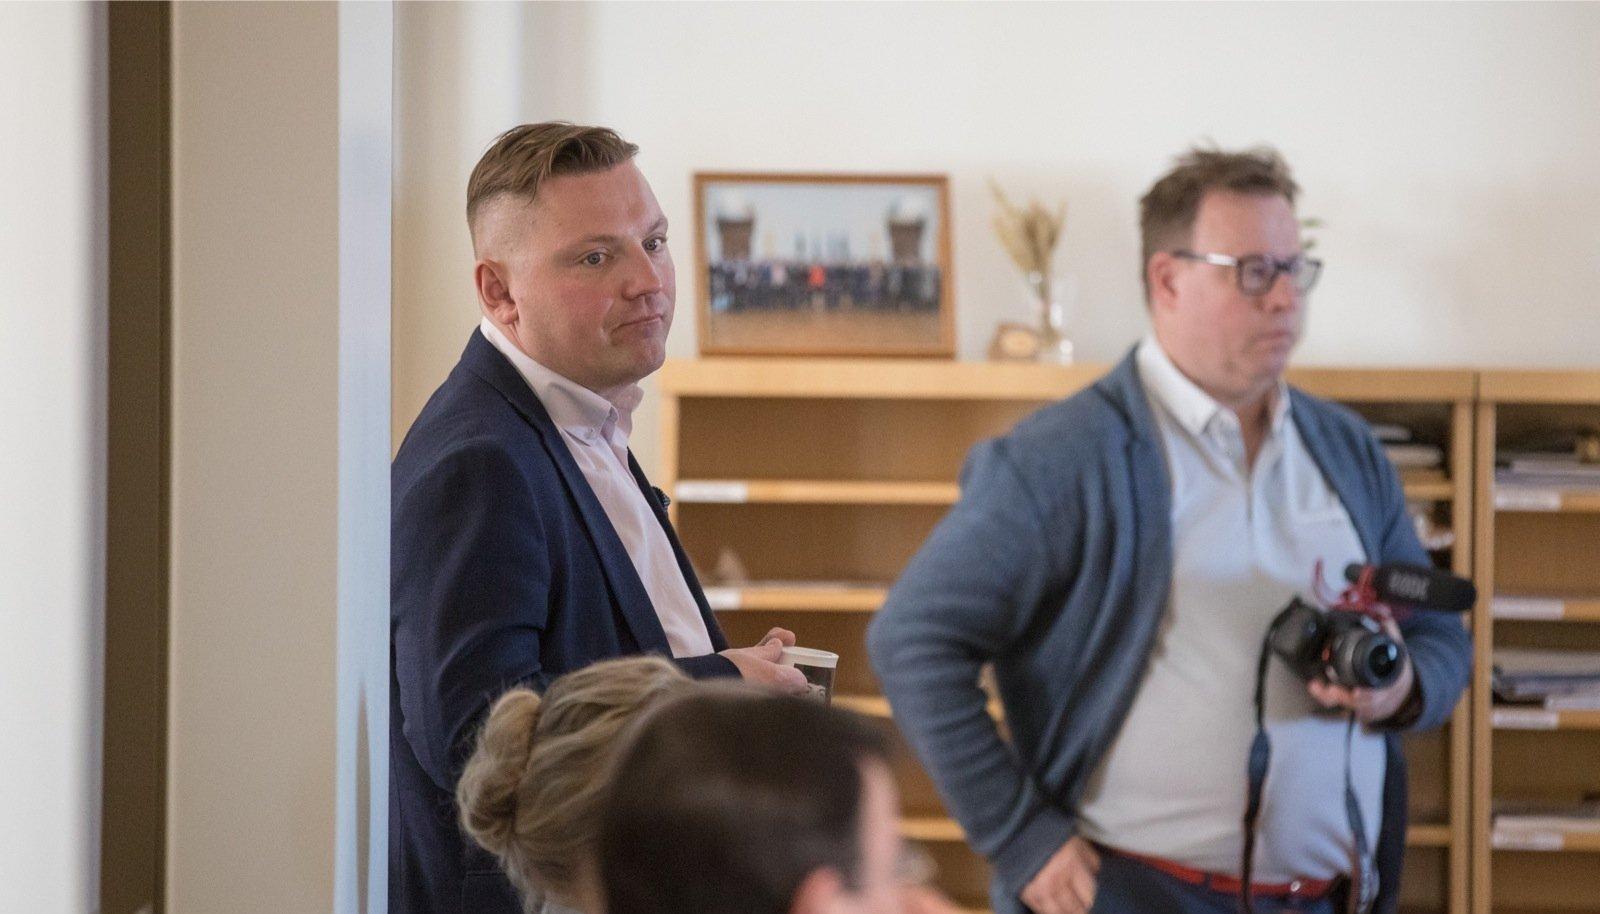 Deniss Boroditš (vasakul) peab 4. augustiks otsustama, kas ta taastab oma volitused Tallinna linnavolikogus samal ajal, kui ta TLT juhina tööle asub.